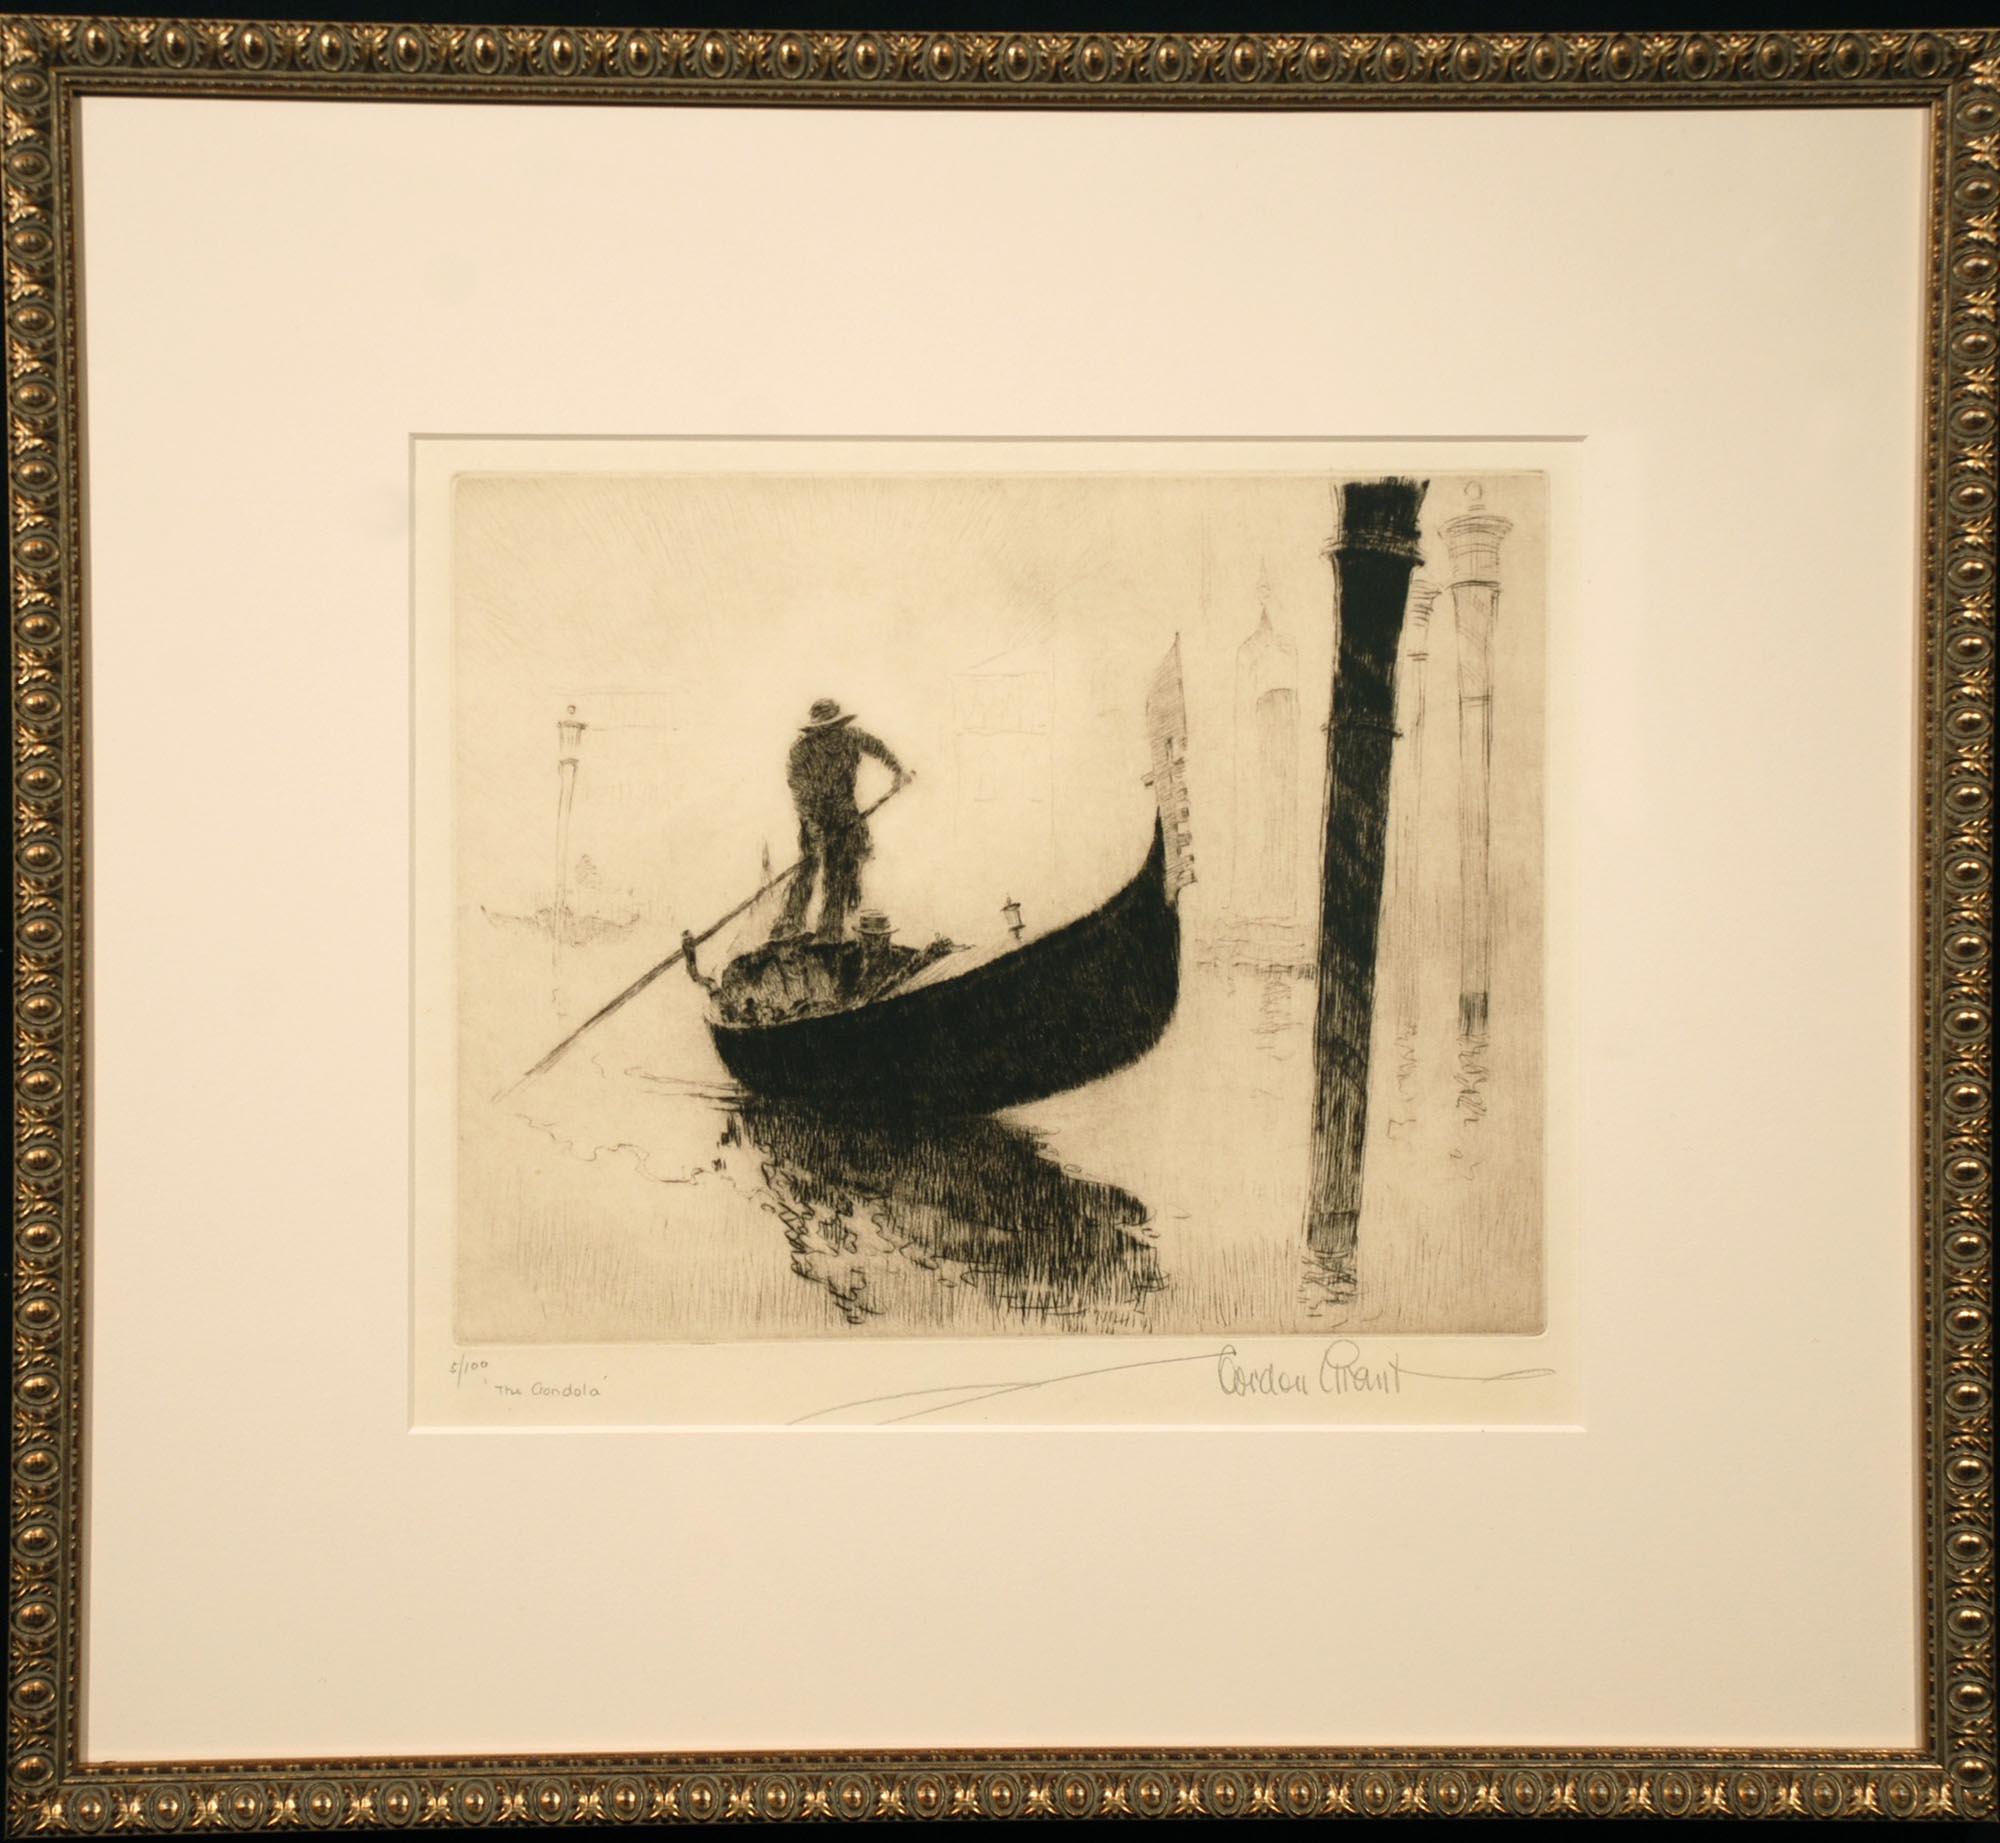 Gordon Grant The Gondolier framed